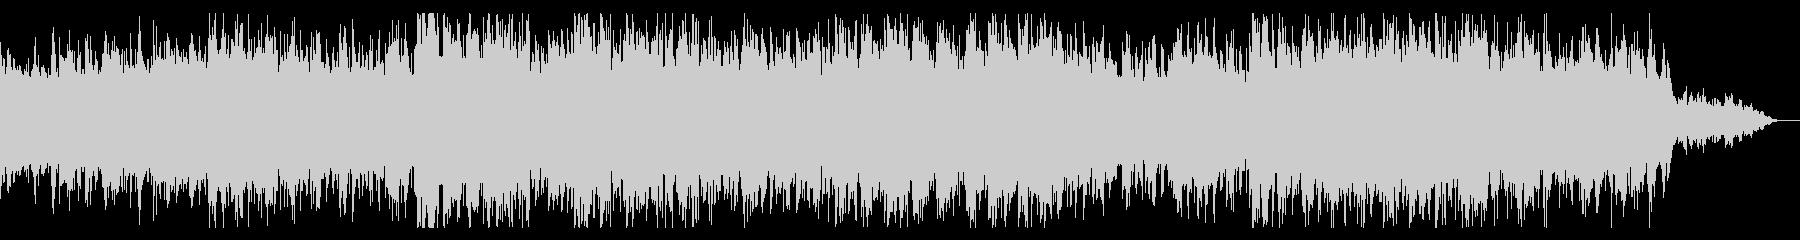 デジタルダークなテクスチャの未再生の波形